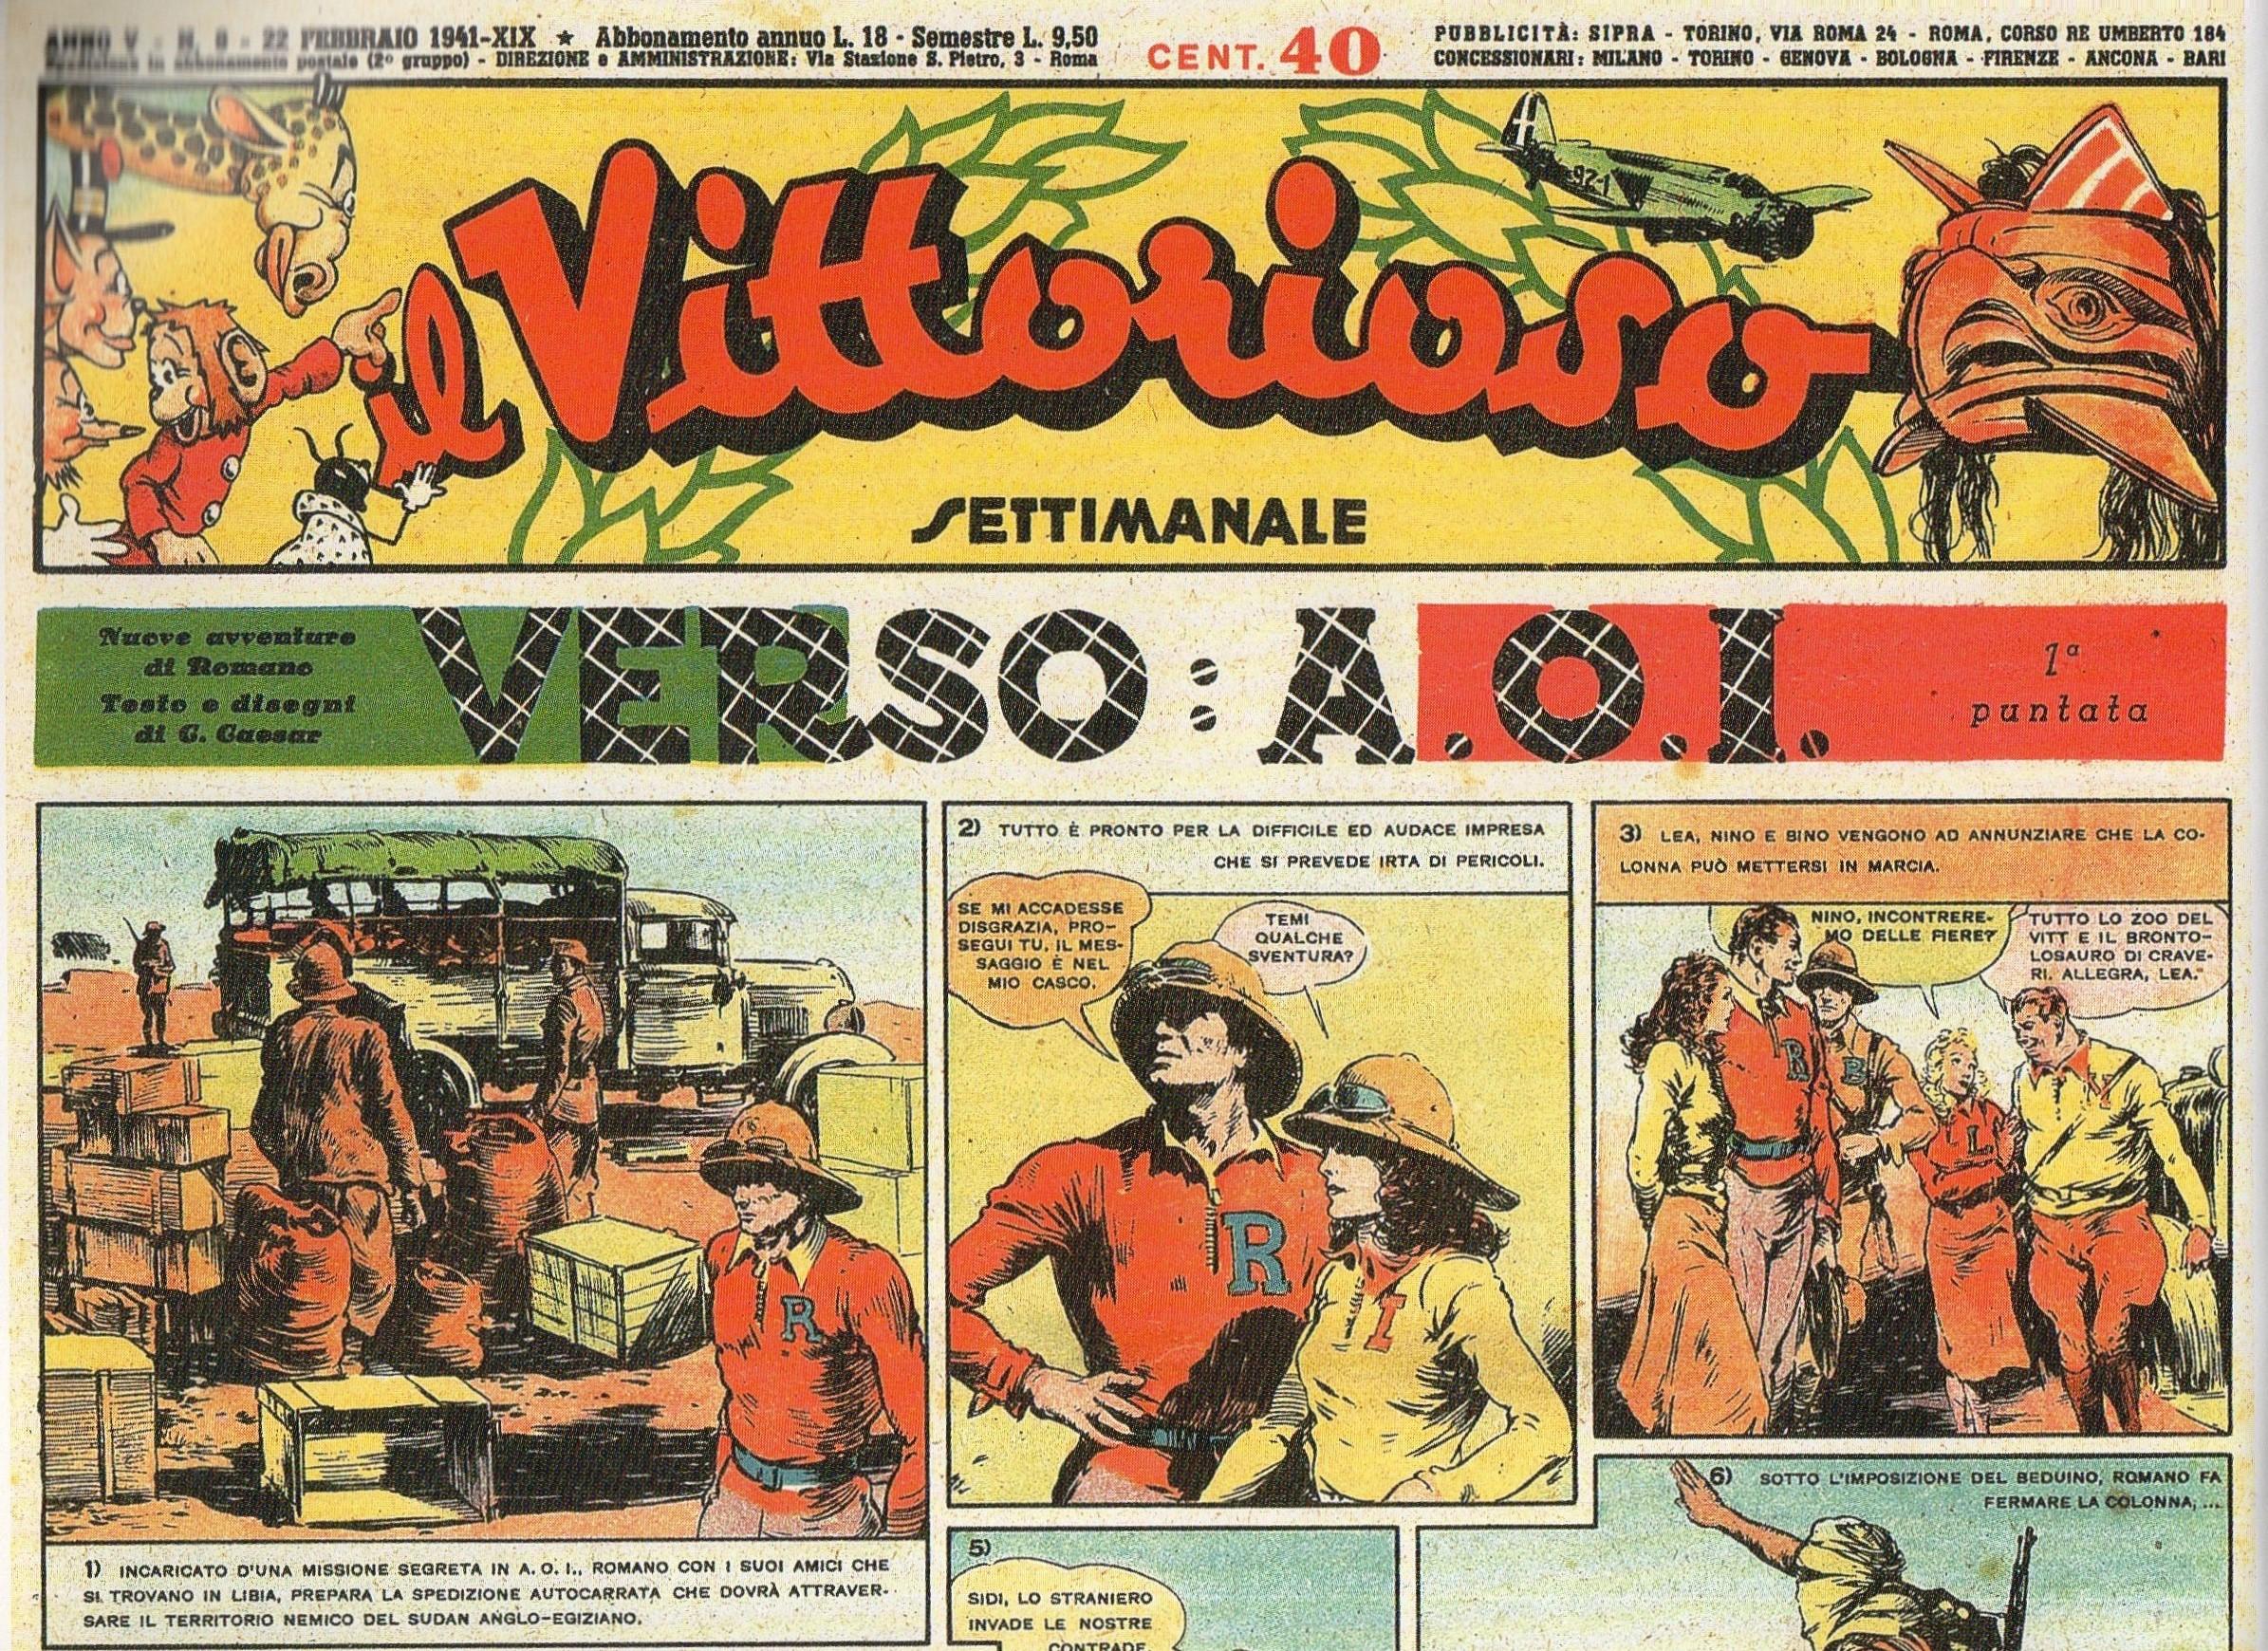 FUMETTO & FASCISMO – MAL D'AFRICA (Le avventure di Romano, 7a parte – Verso: A.O.I.)